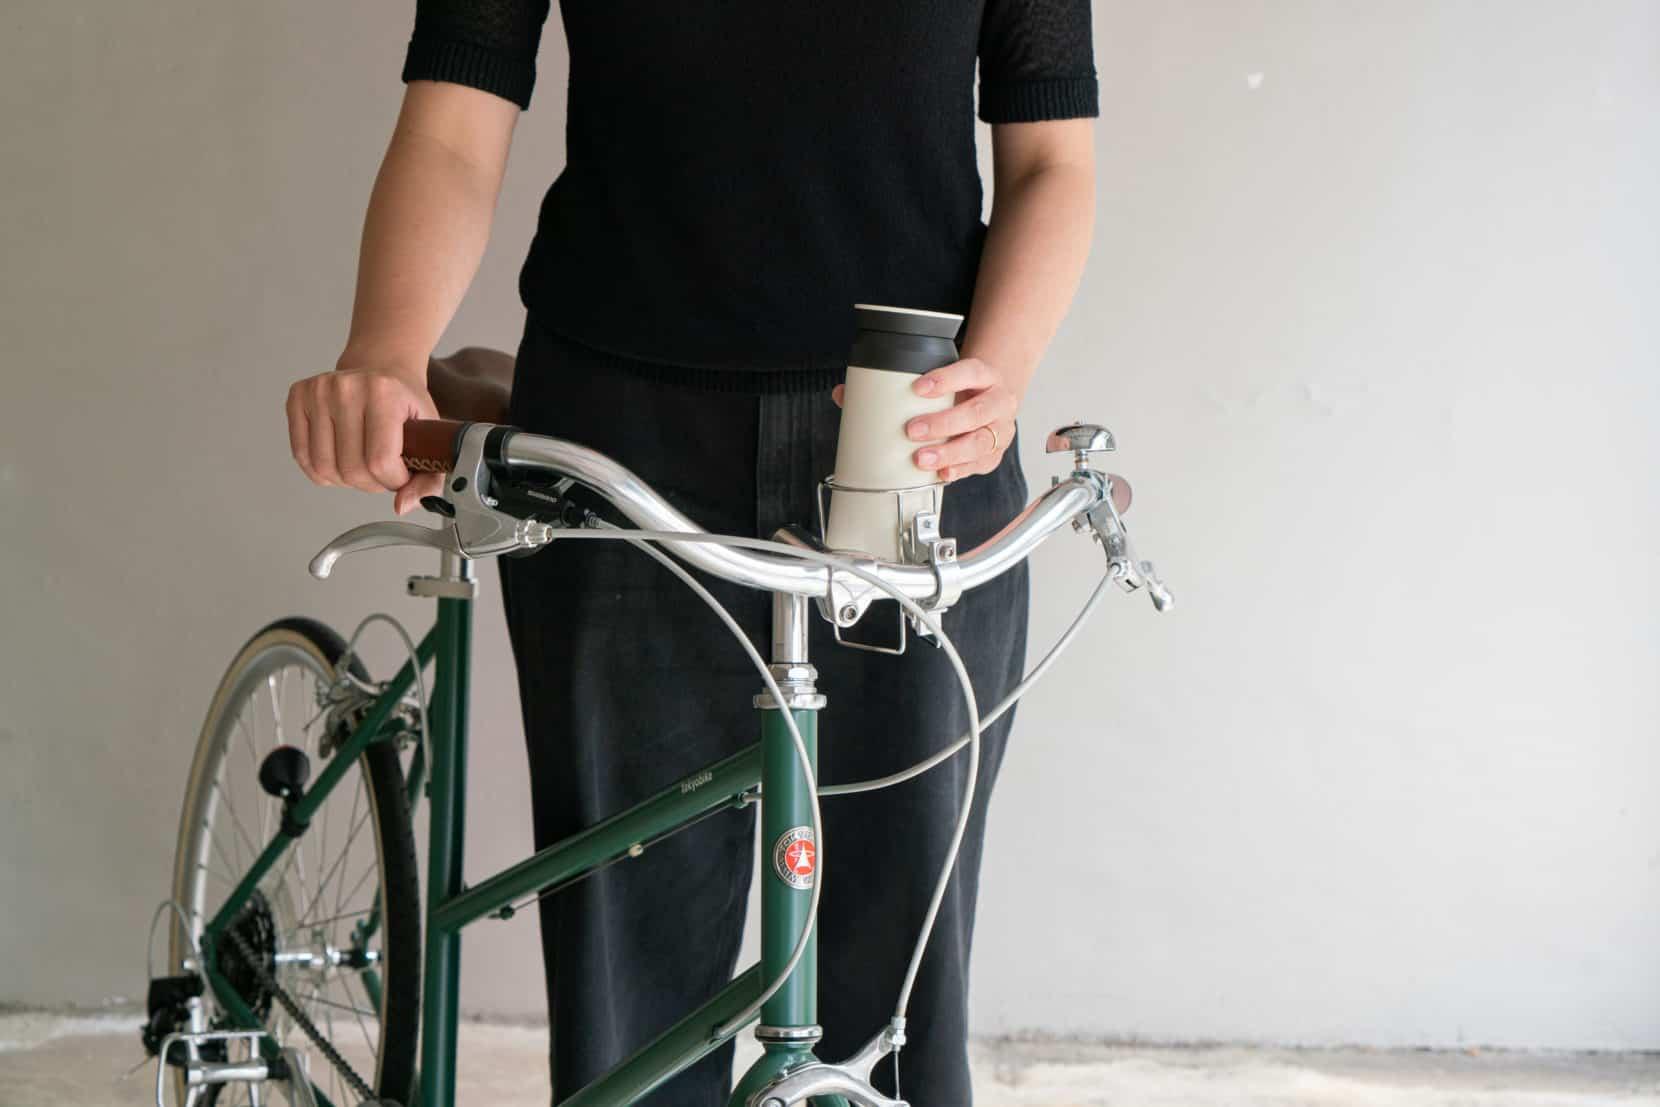 便利な自転車アイテム